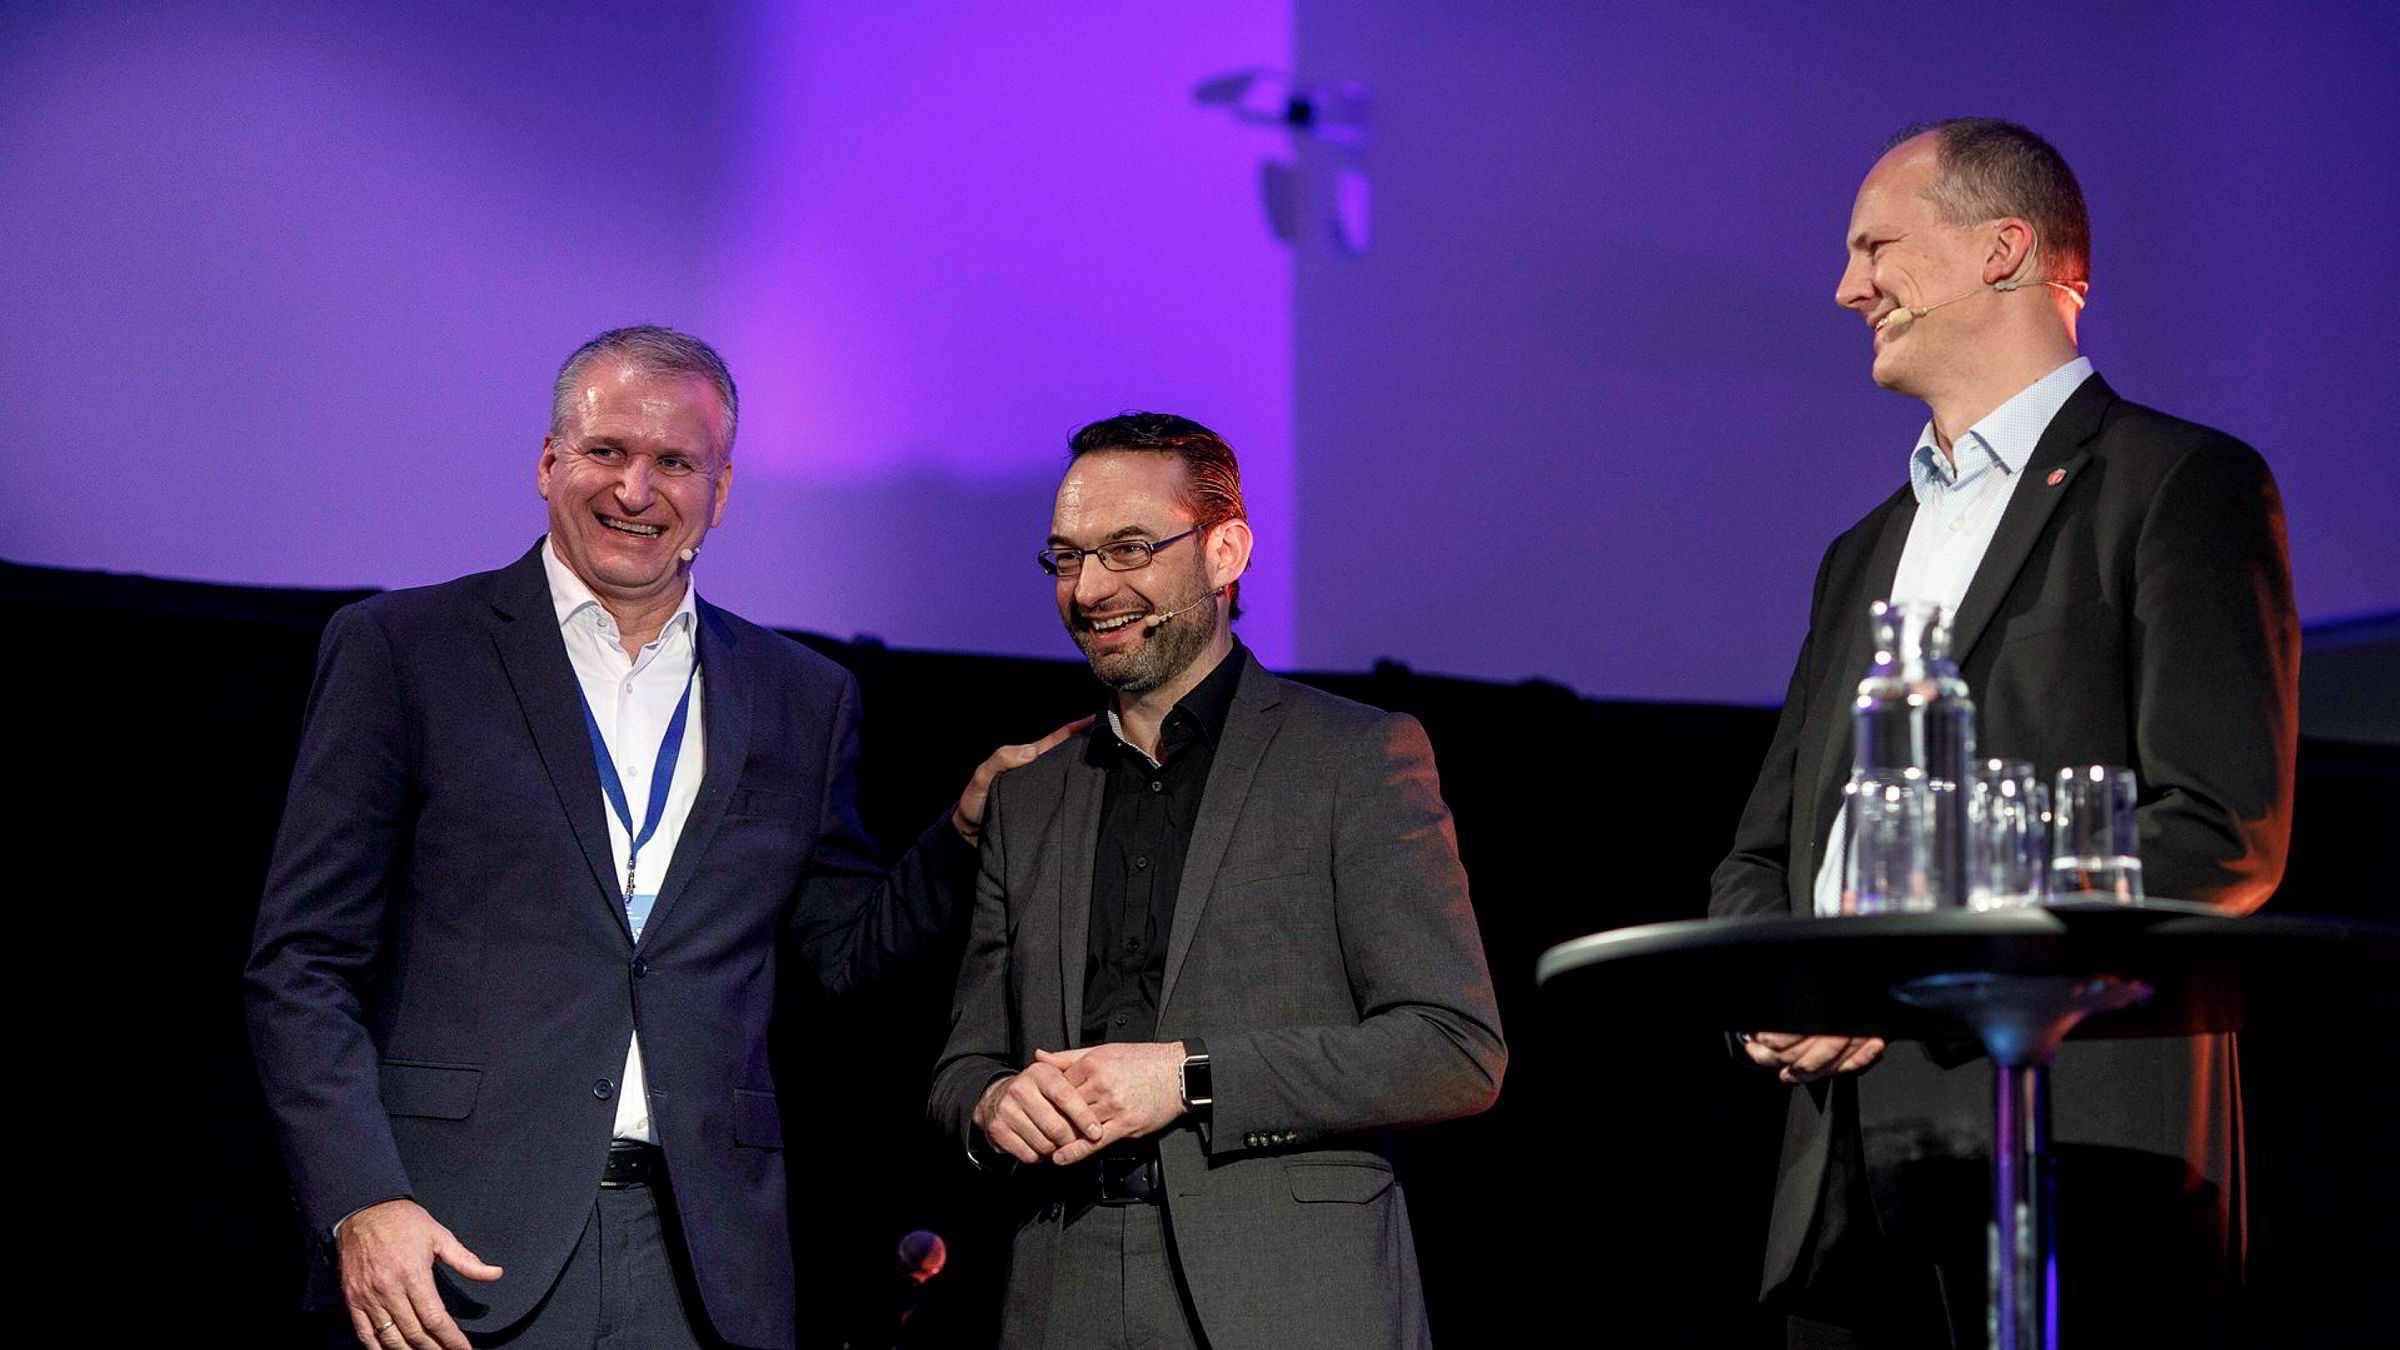 Konsernsjef Terje Male (fra venstre) i Møller Mobility Group feiret seg selv med en konferanse forrige uke. Med på feiringen var Christian Senger, leder for elektrisk mobilitet i VW og samferdselsminister Ketil Solvik-Olsen.